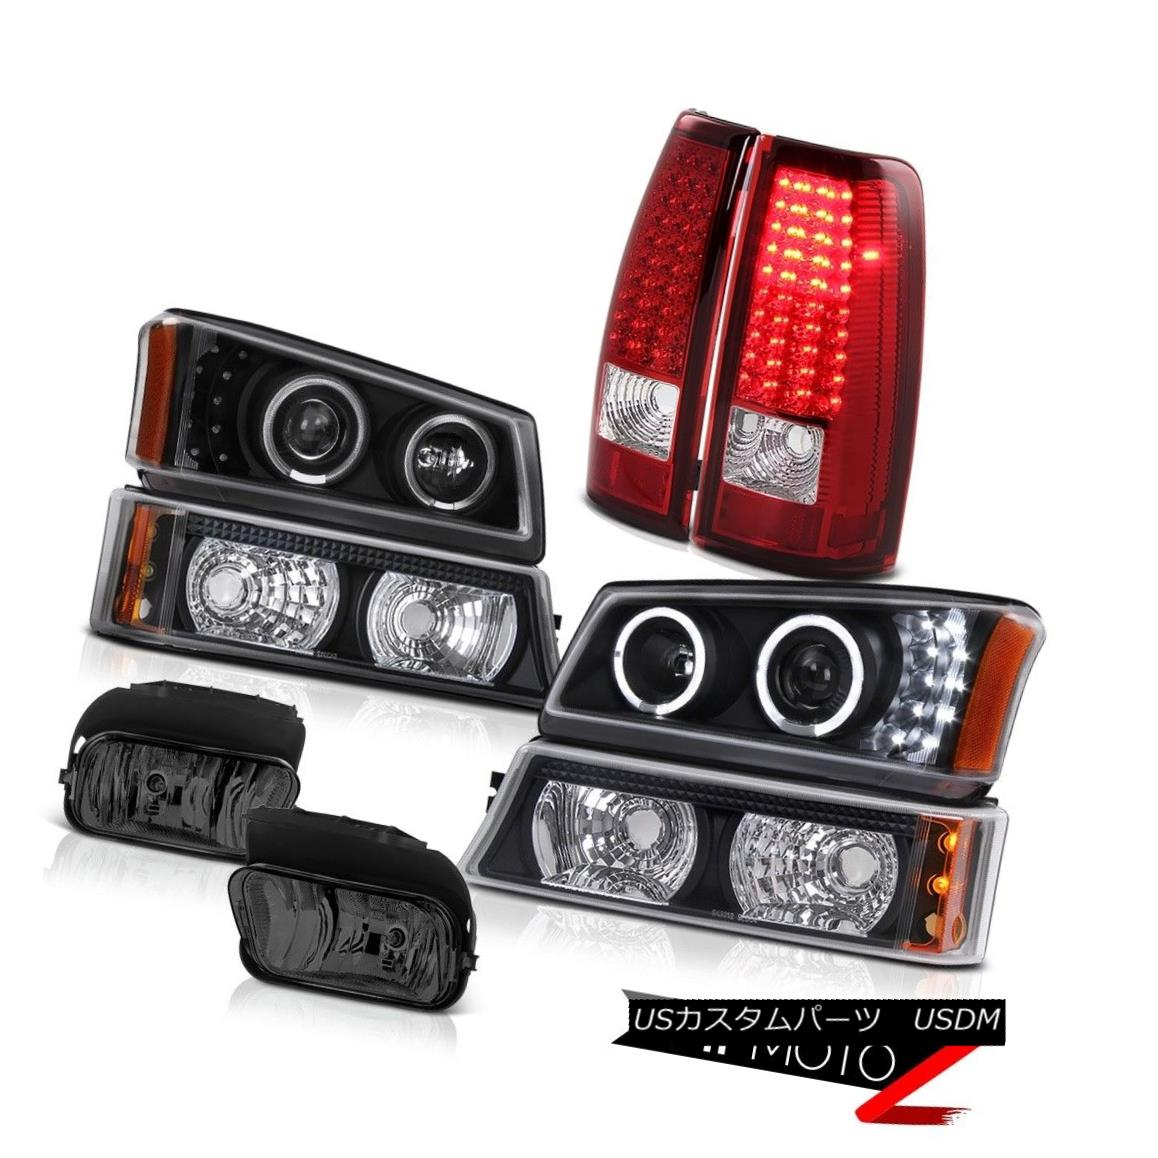 テールライト 03-06 Silverado Halo Projector Headlight Black LED Tail Lights Driving Foglight 03-06 Silverado HaloプロジェクターヘッドライトブラックLEDテールライトドライビングフォグライト